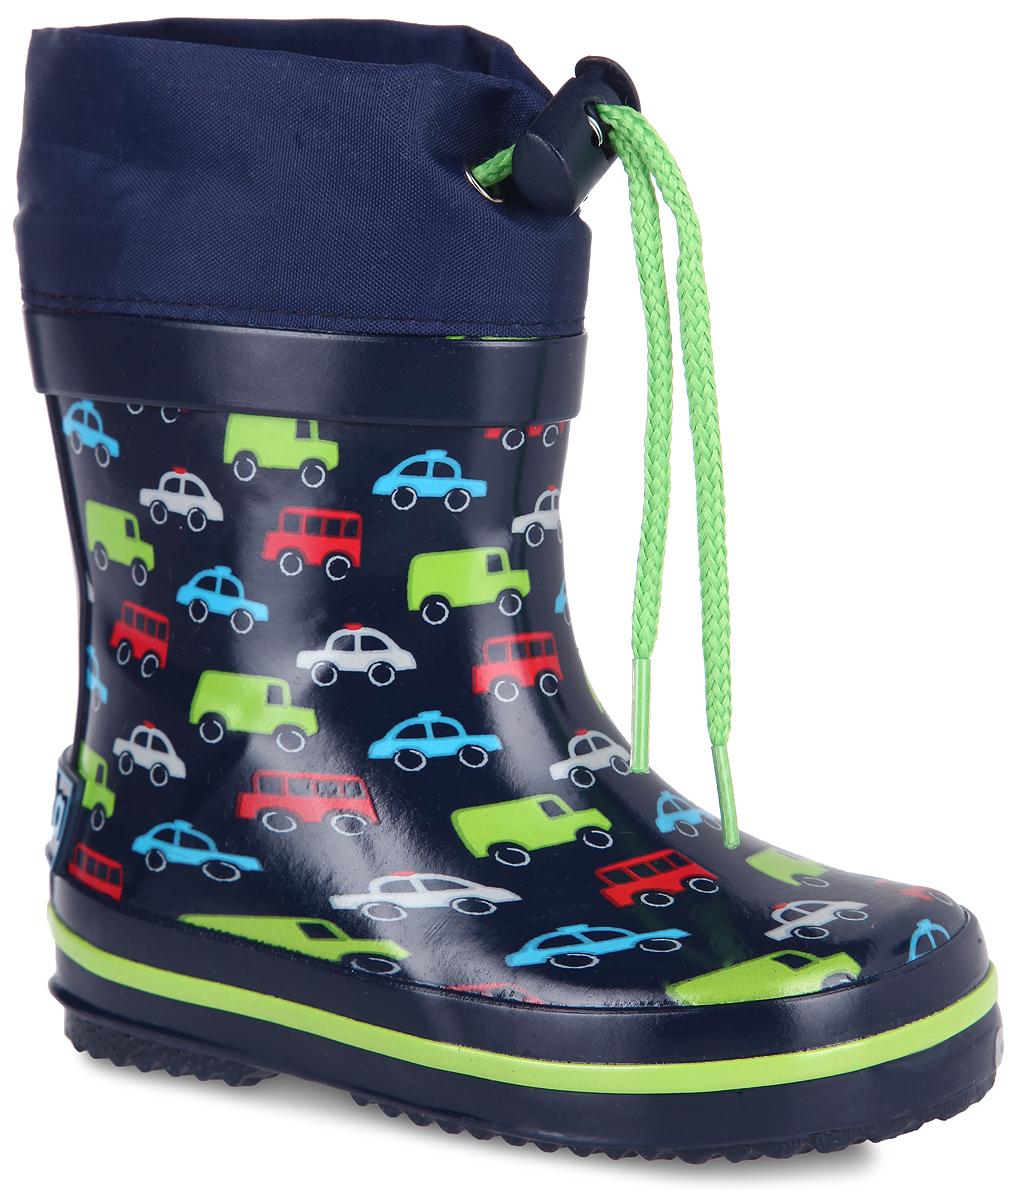 Сапоги резиновые для мальчика. 701т_машинки701тРезиновые сапоги от Kapika - идеальная обувь в дождливую погоду. Сапоги выполнены из резины и оформлены принтом в виде машинок. Подкладка и съемная стелька из 100% хлопка помогают сохранить тепло и создают комфорт при ходьбе. Текстильный верх голенища регулируется в объеме за счет шнурка со стоппером. Рельефная поверхность подошвы гарантирует отличное сцепление с любой поверхностью. Резиновые сапоги прекрасно защитят ноги вашего ребенка от промокания в дождливый день.